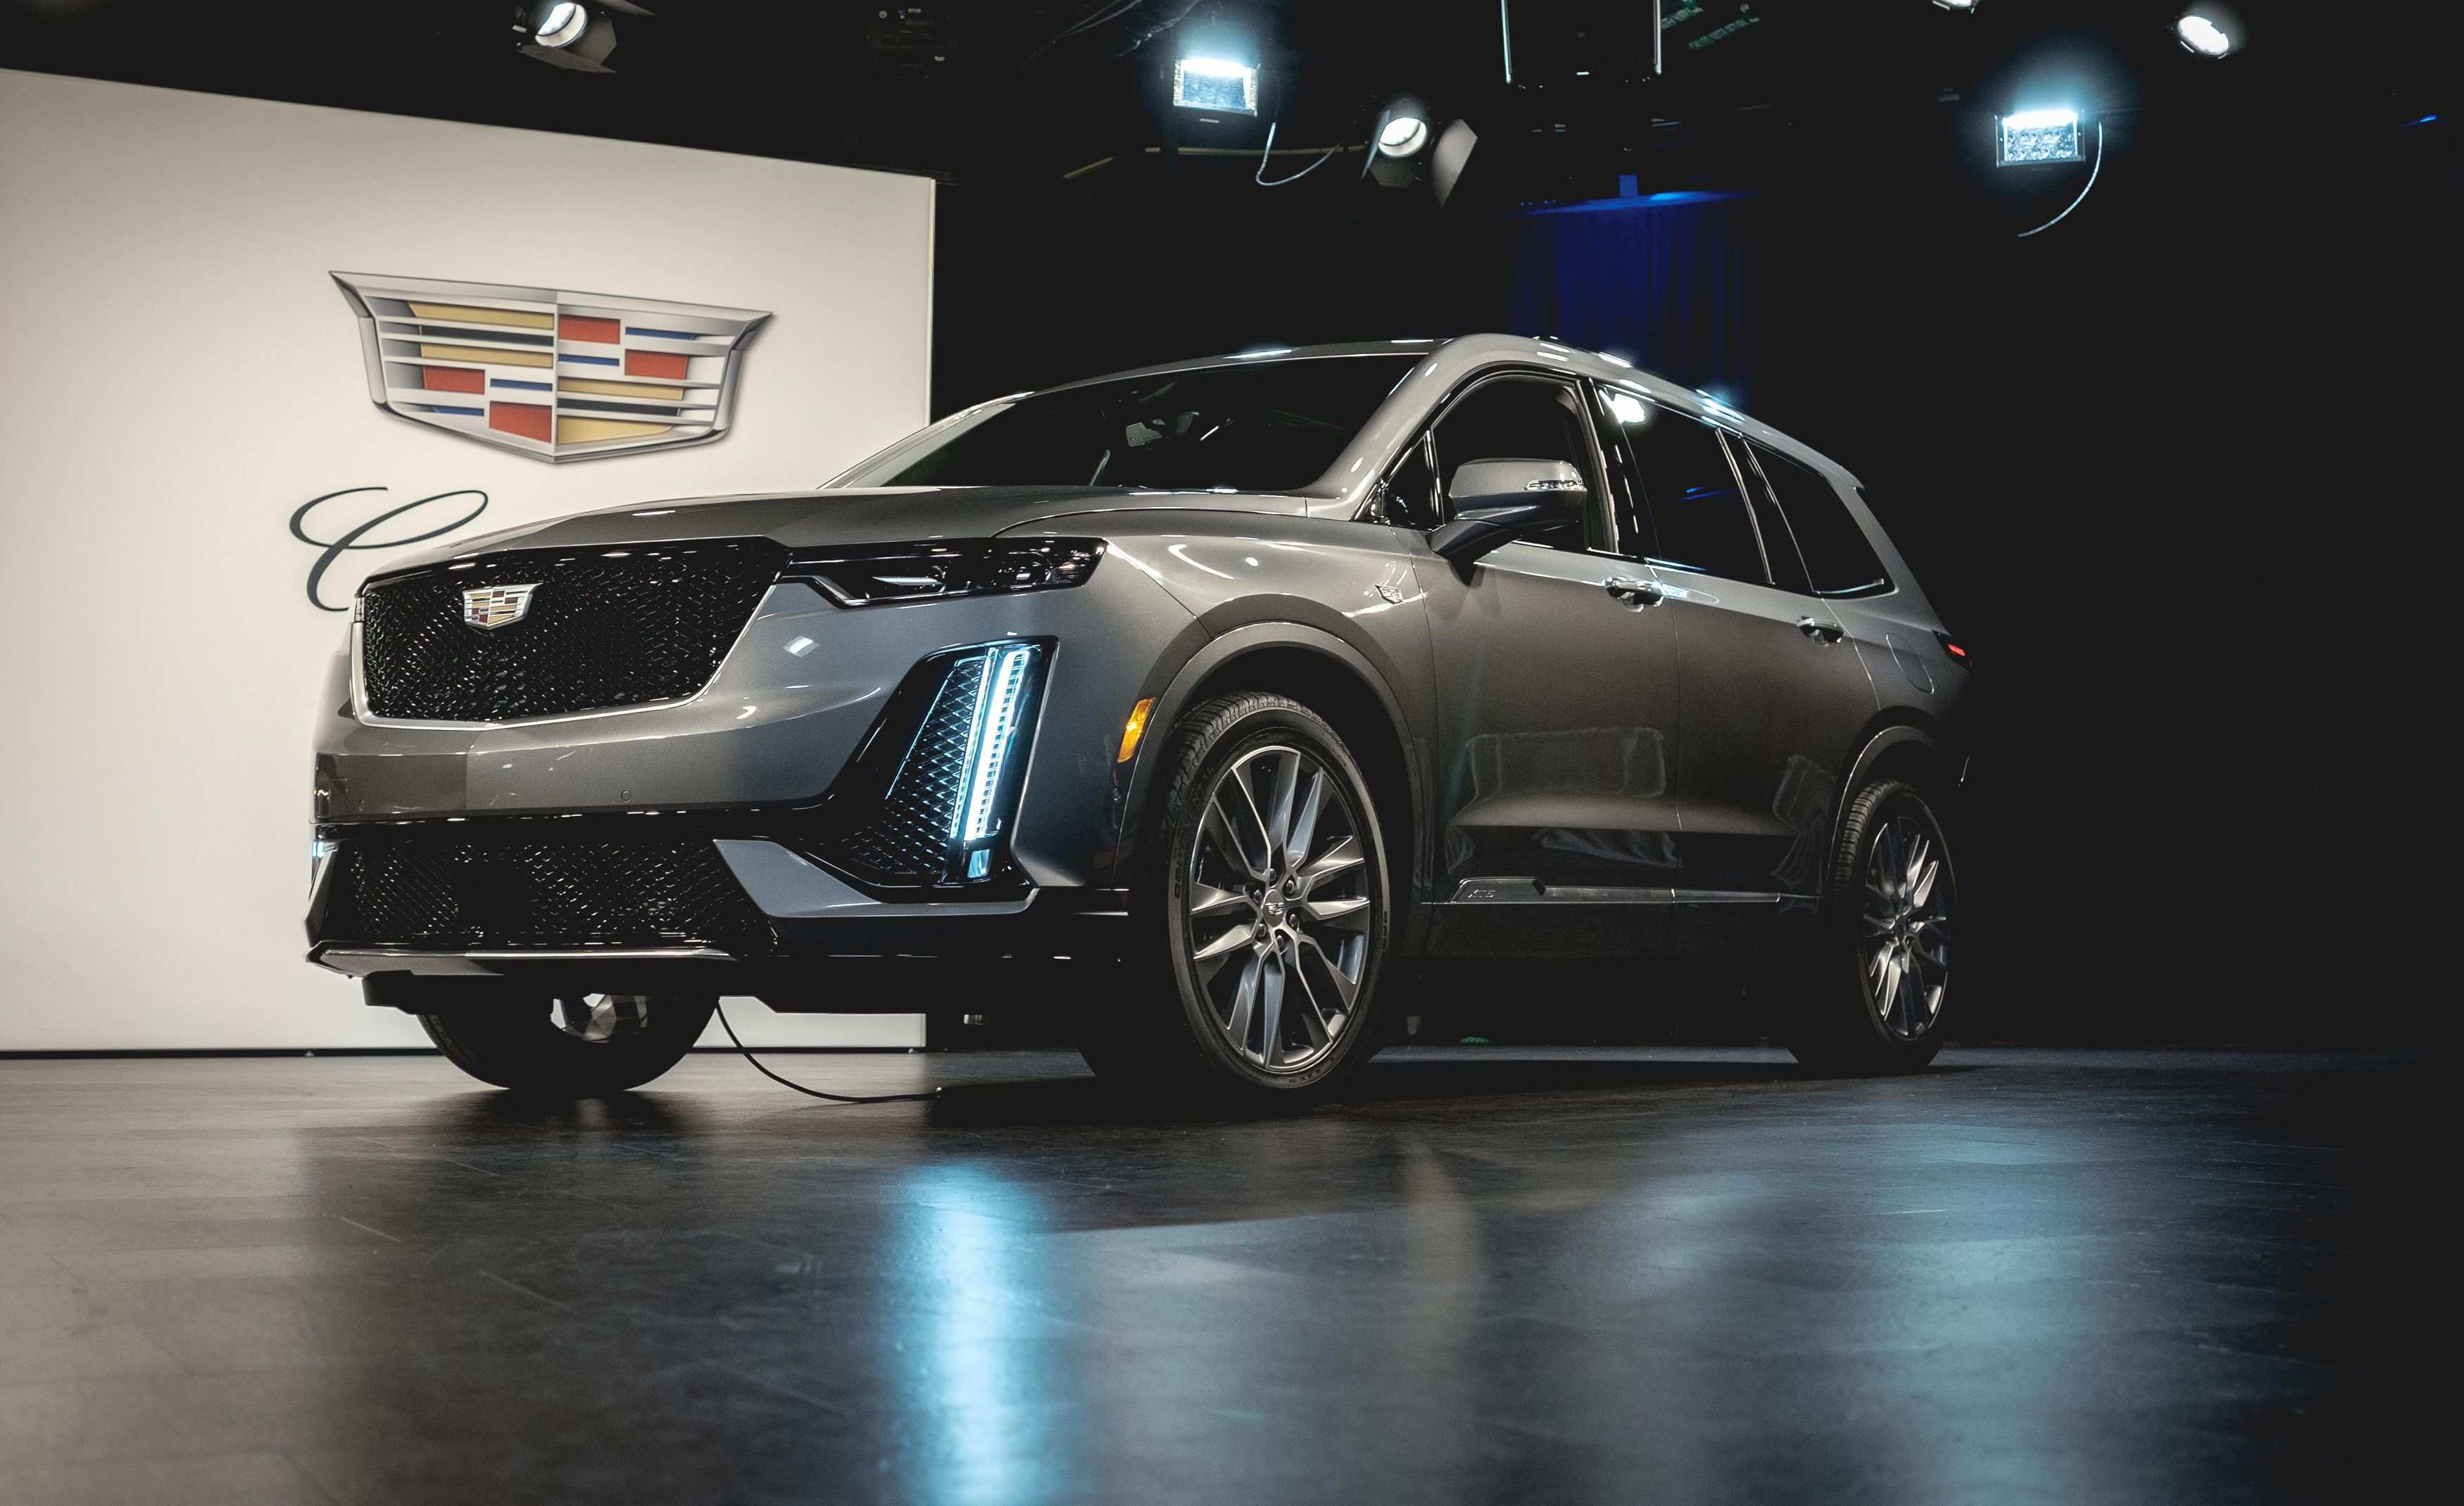 71 Great 2020 Cadillac Sports Car Engine by 2020 Cadillac Sports Car